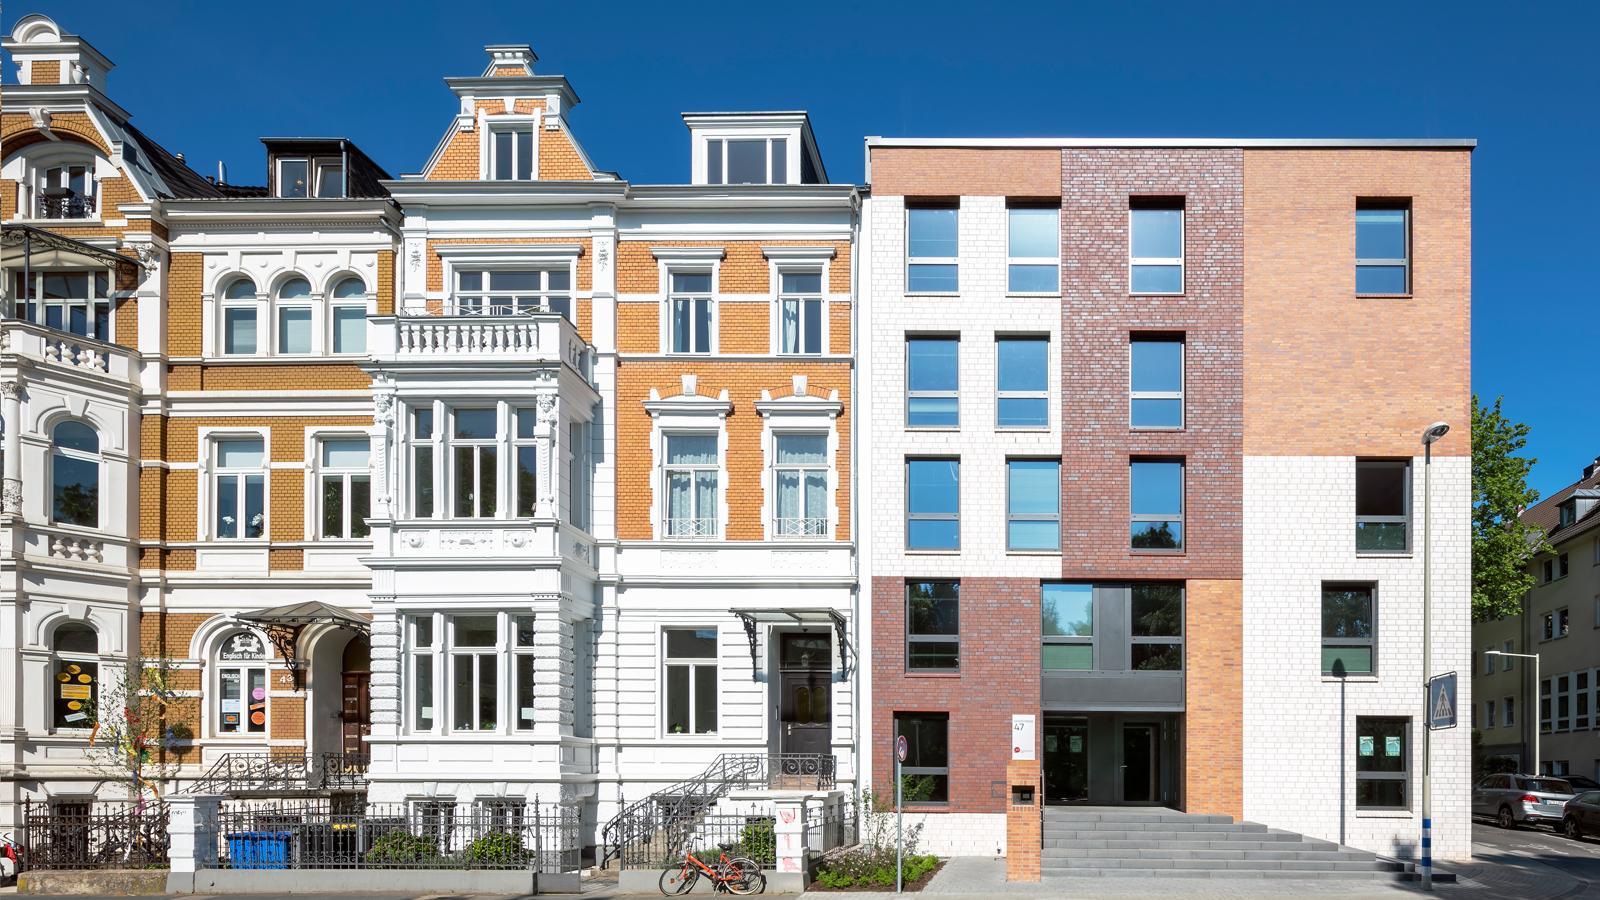 Architekt Bonn Studierendenwohnheim Kaiserstraße - 70 Apartments für Studierende in der Bonner Südstadt fertiggestellt. Koenigs Rütter Architekten Bonn.